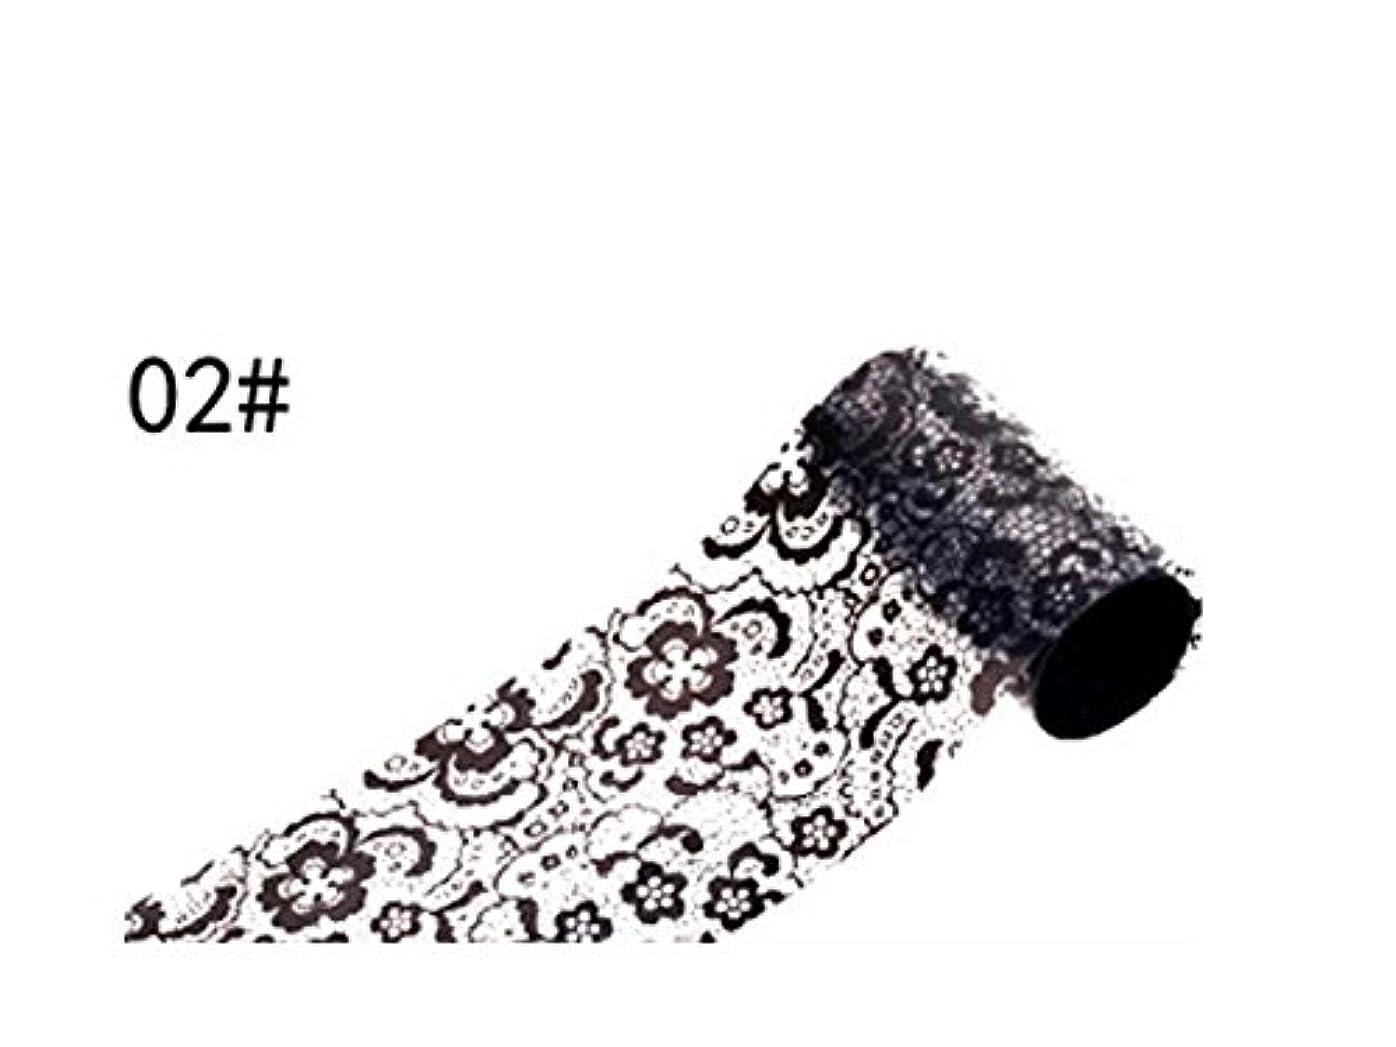 私のミュート土器Osize ブラックレースのデザインネイルアートステッカーデカールネイルチップのデコレーションブラックレースの花転写箔ネイルアートセクシーなデザインのステッカー(ブラック)